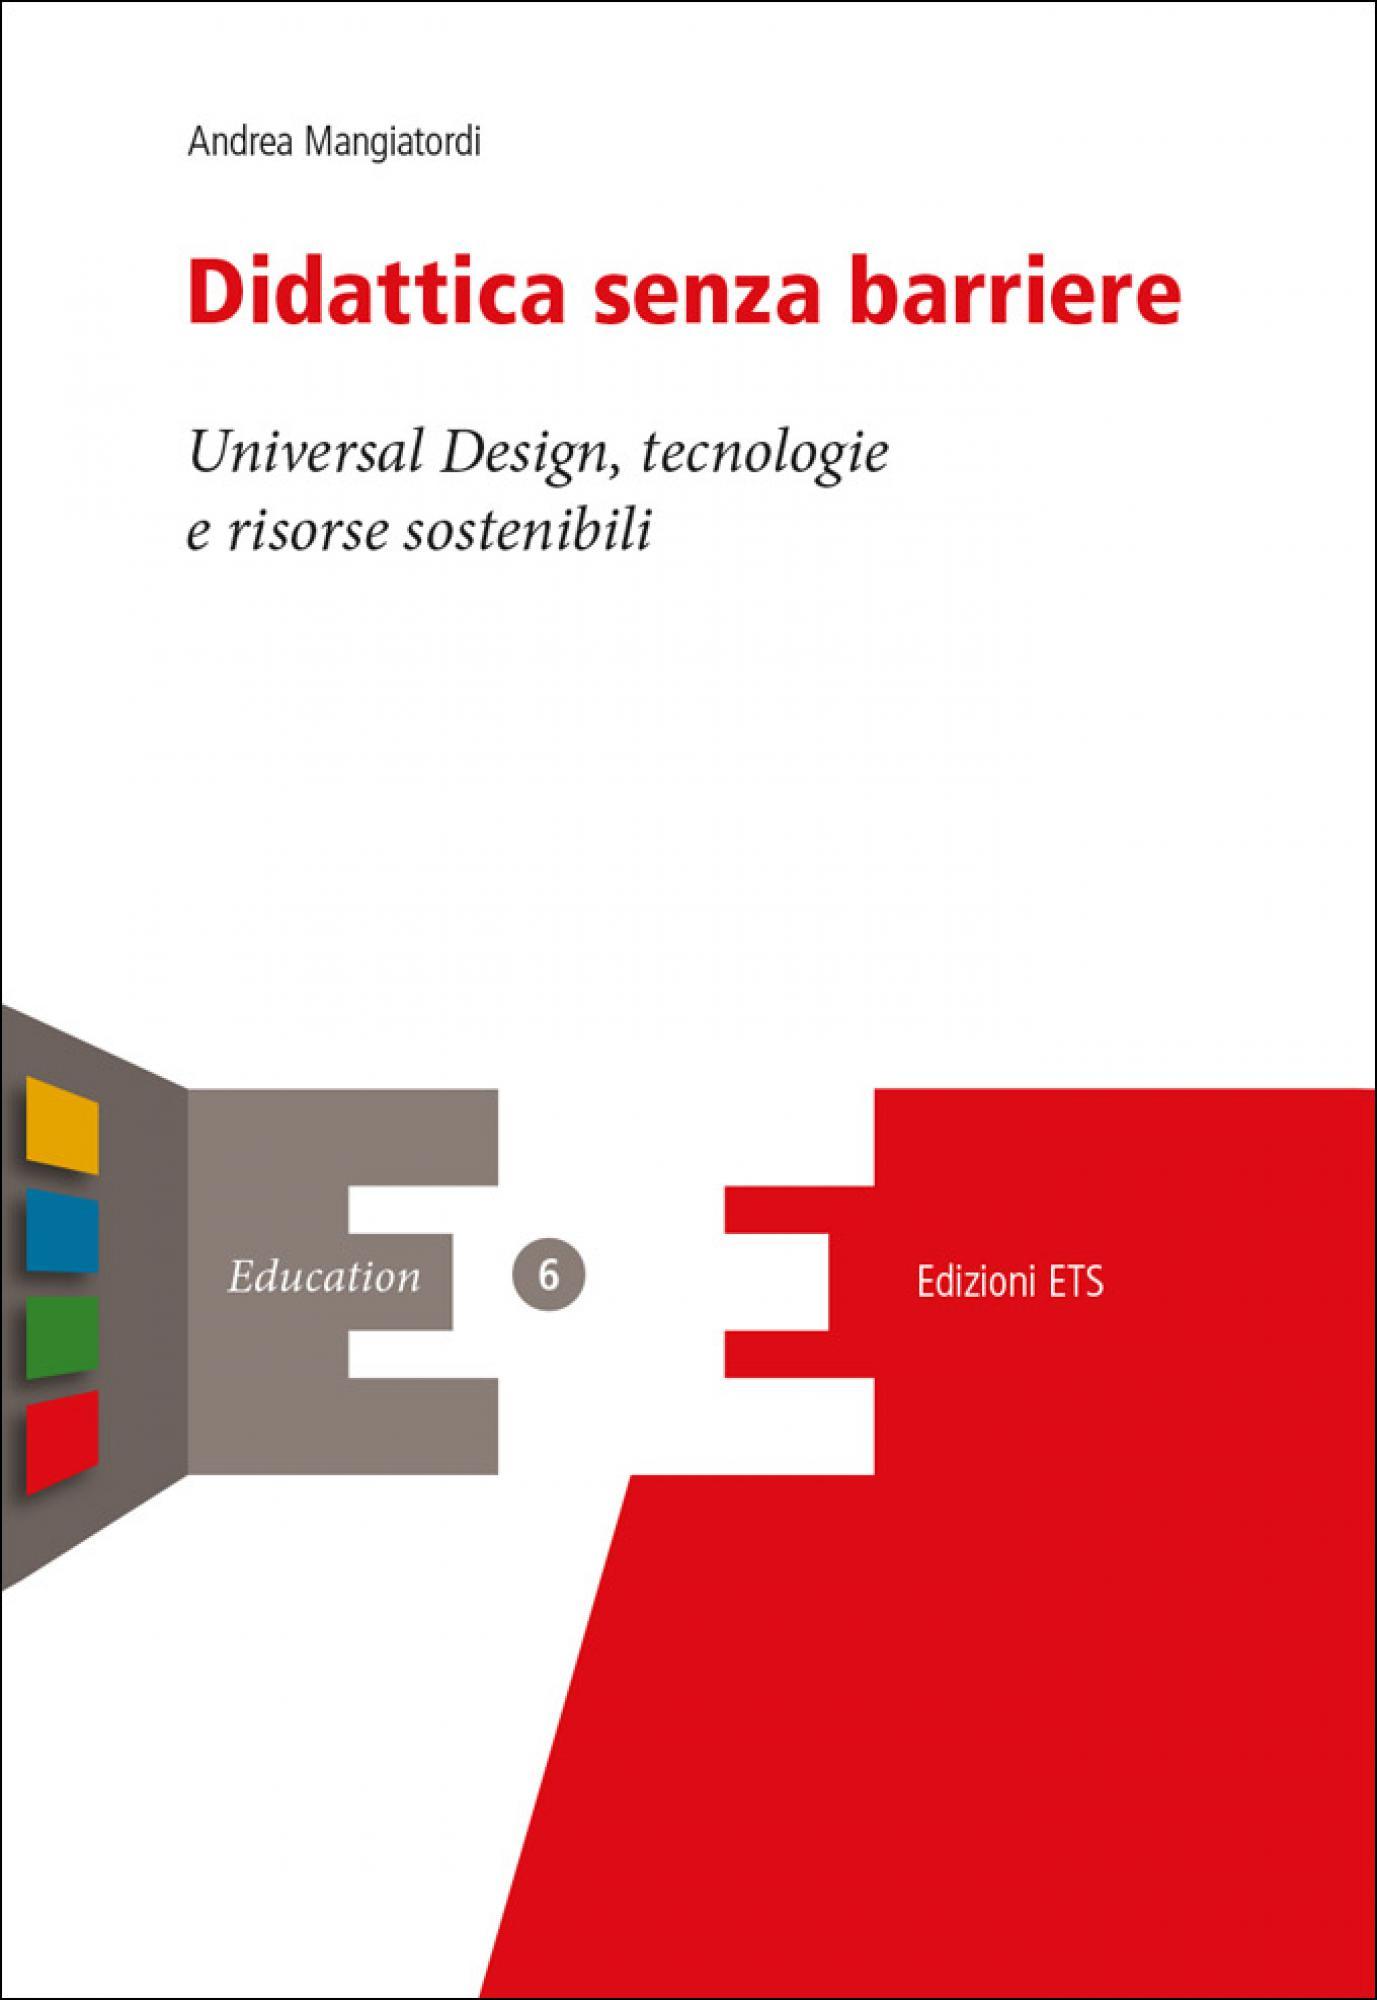 Didattica senza barriere.Universal Design, tecnologie e risorse sostenibili